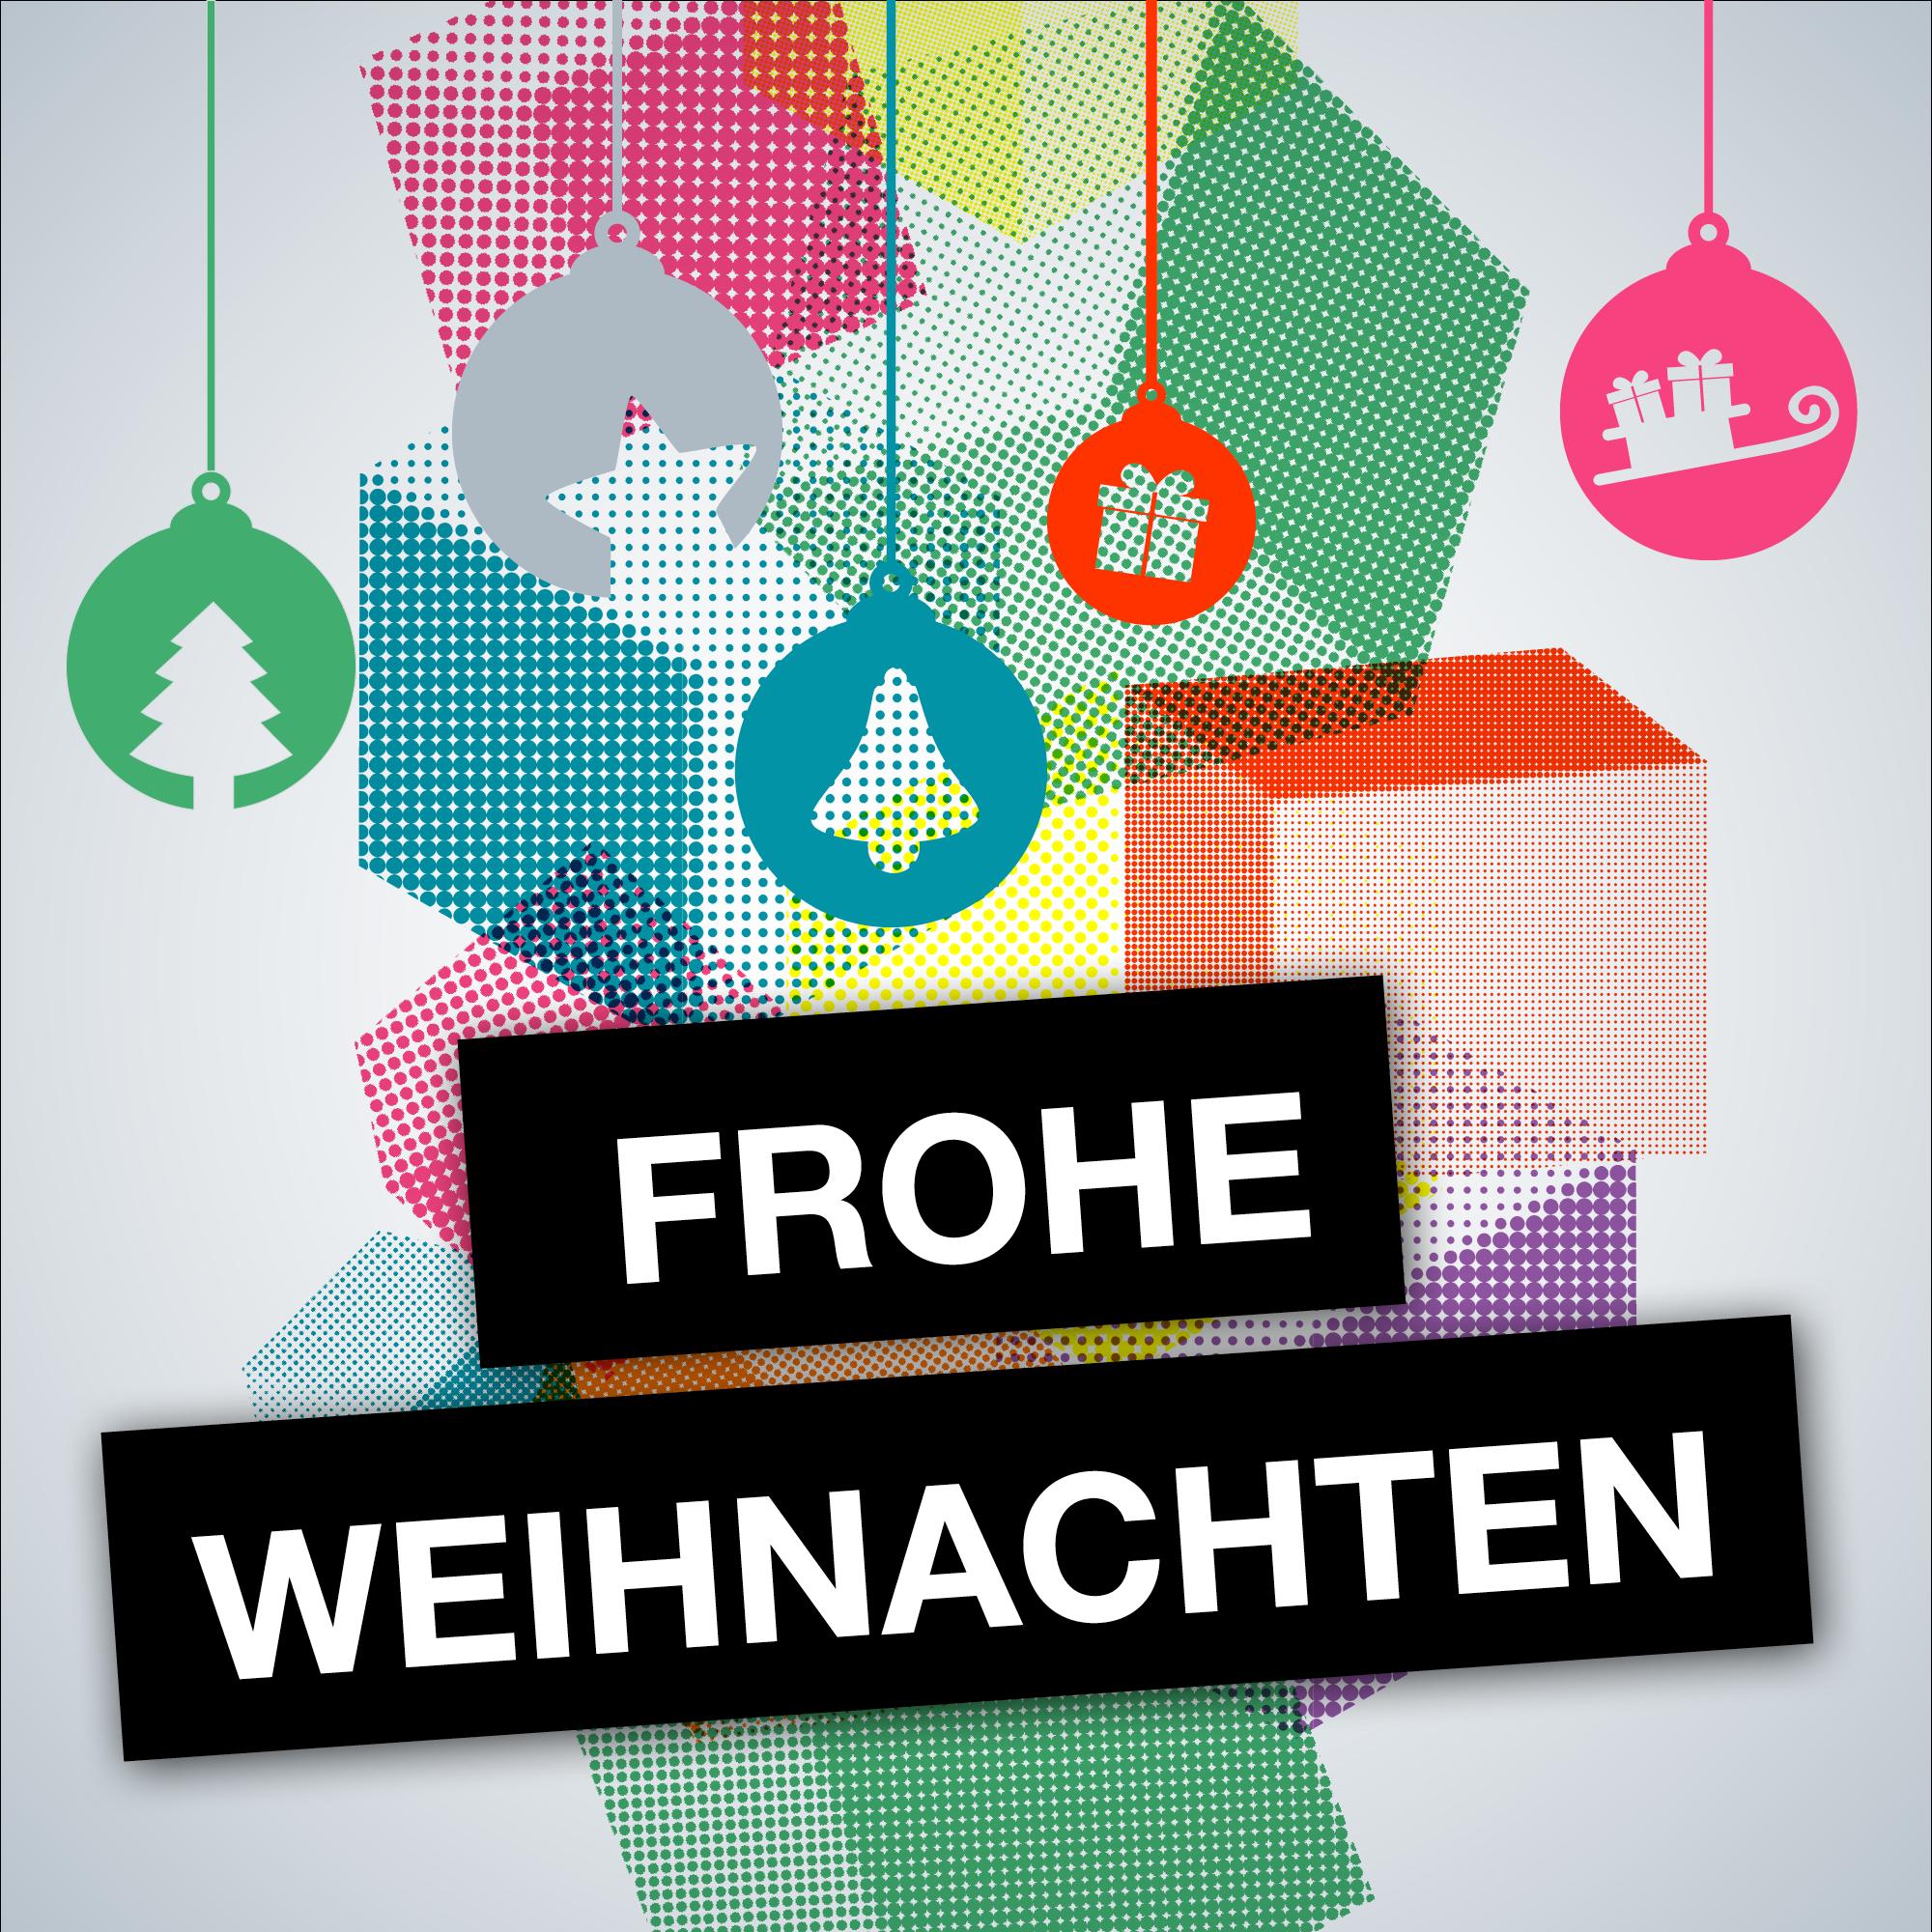 Frohe Weihnachten wünscht wir-drucken-deine-zeitung